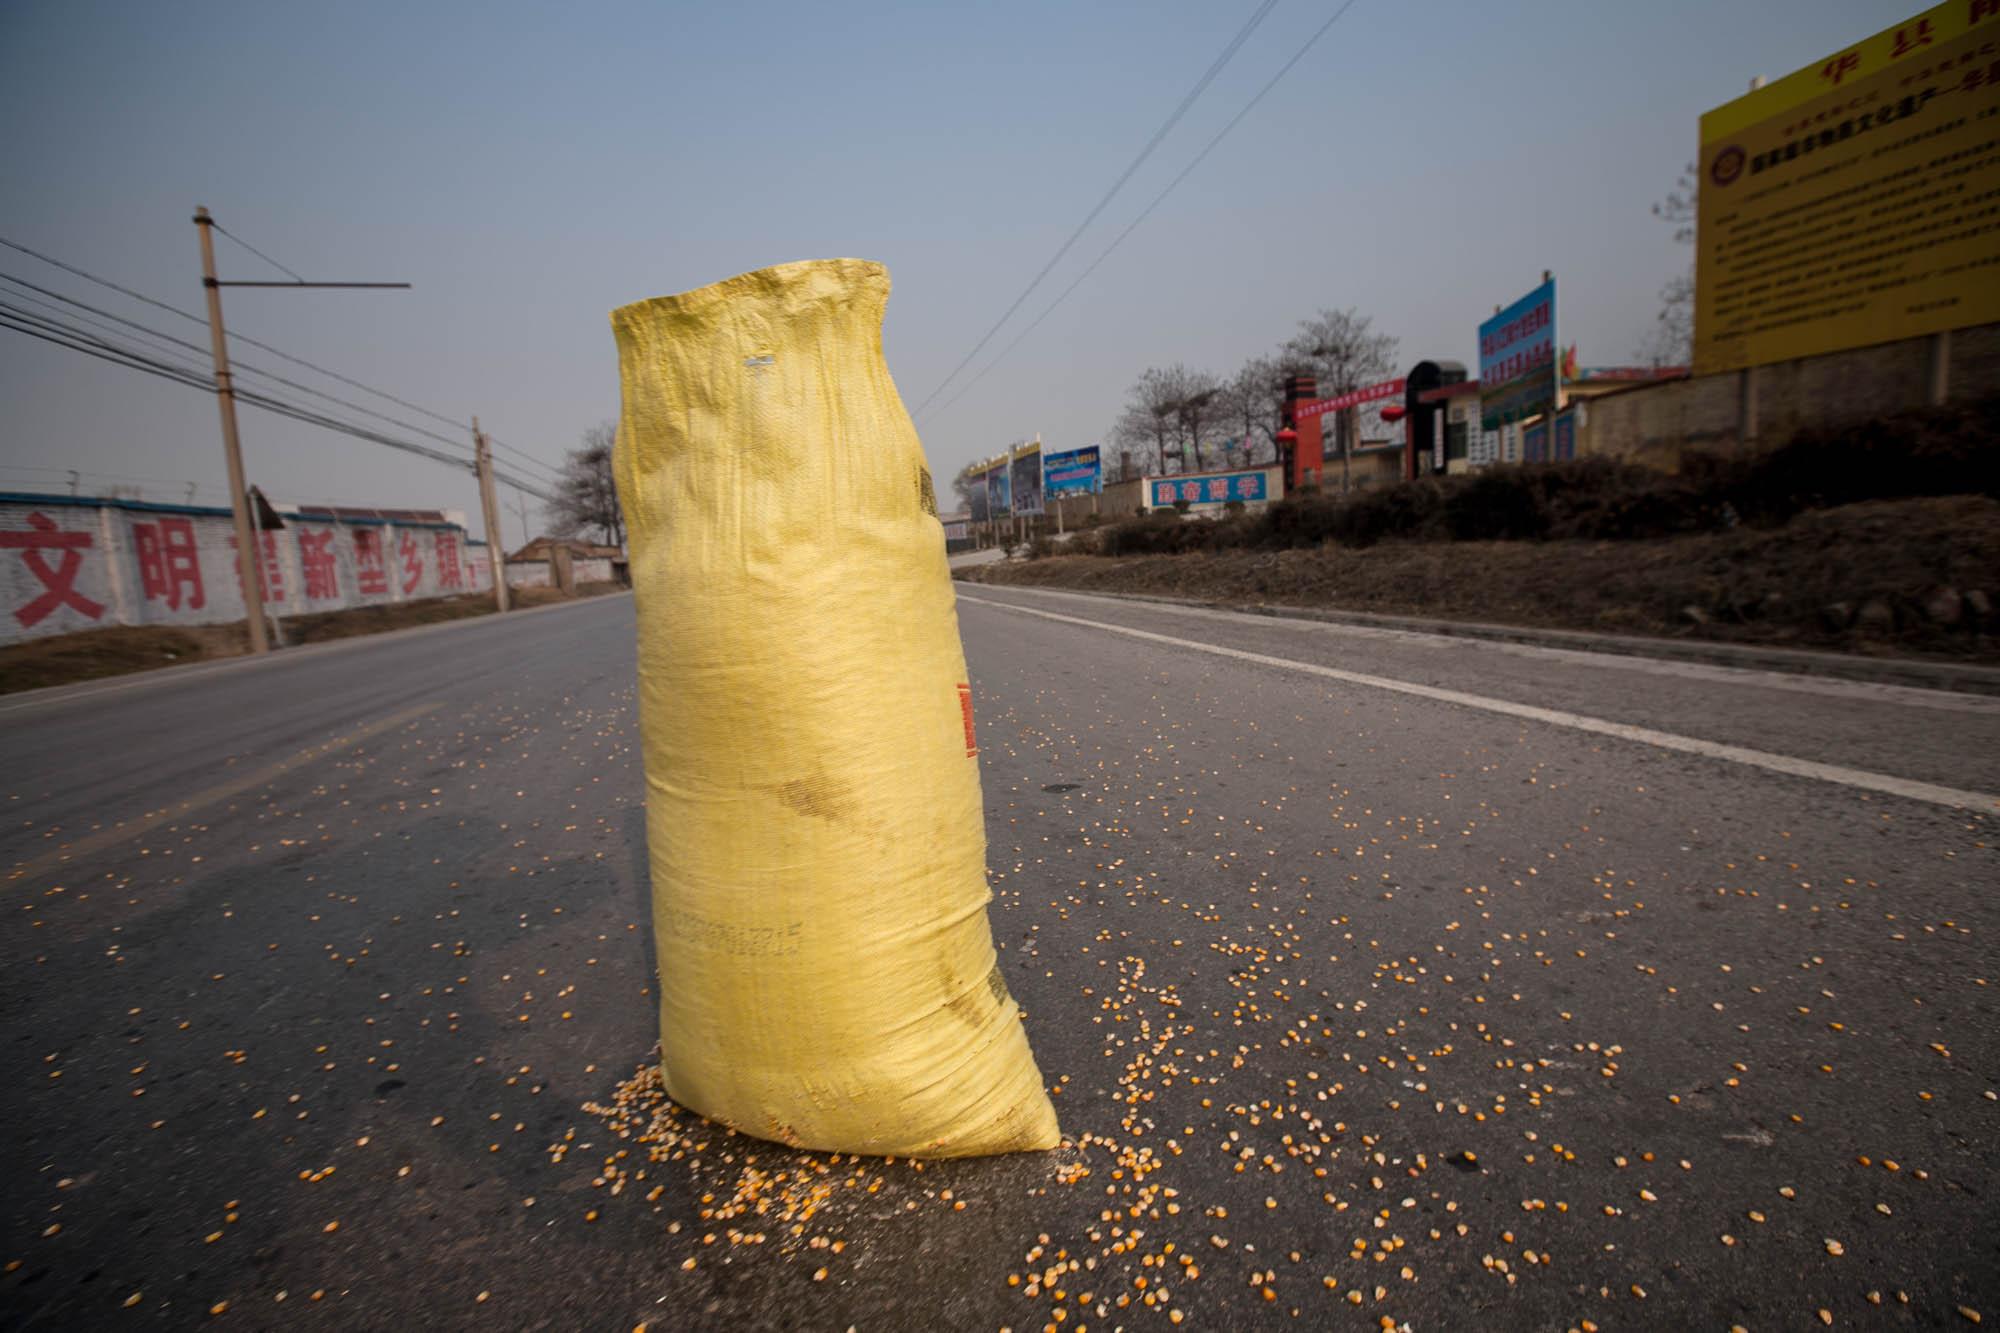 bag of corn